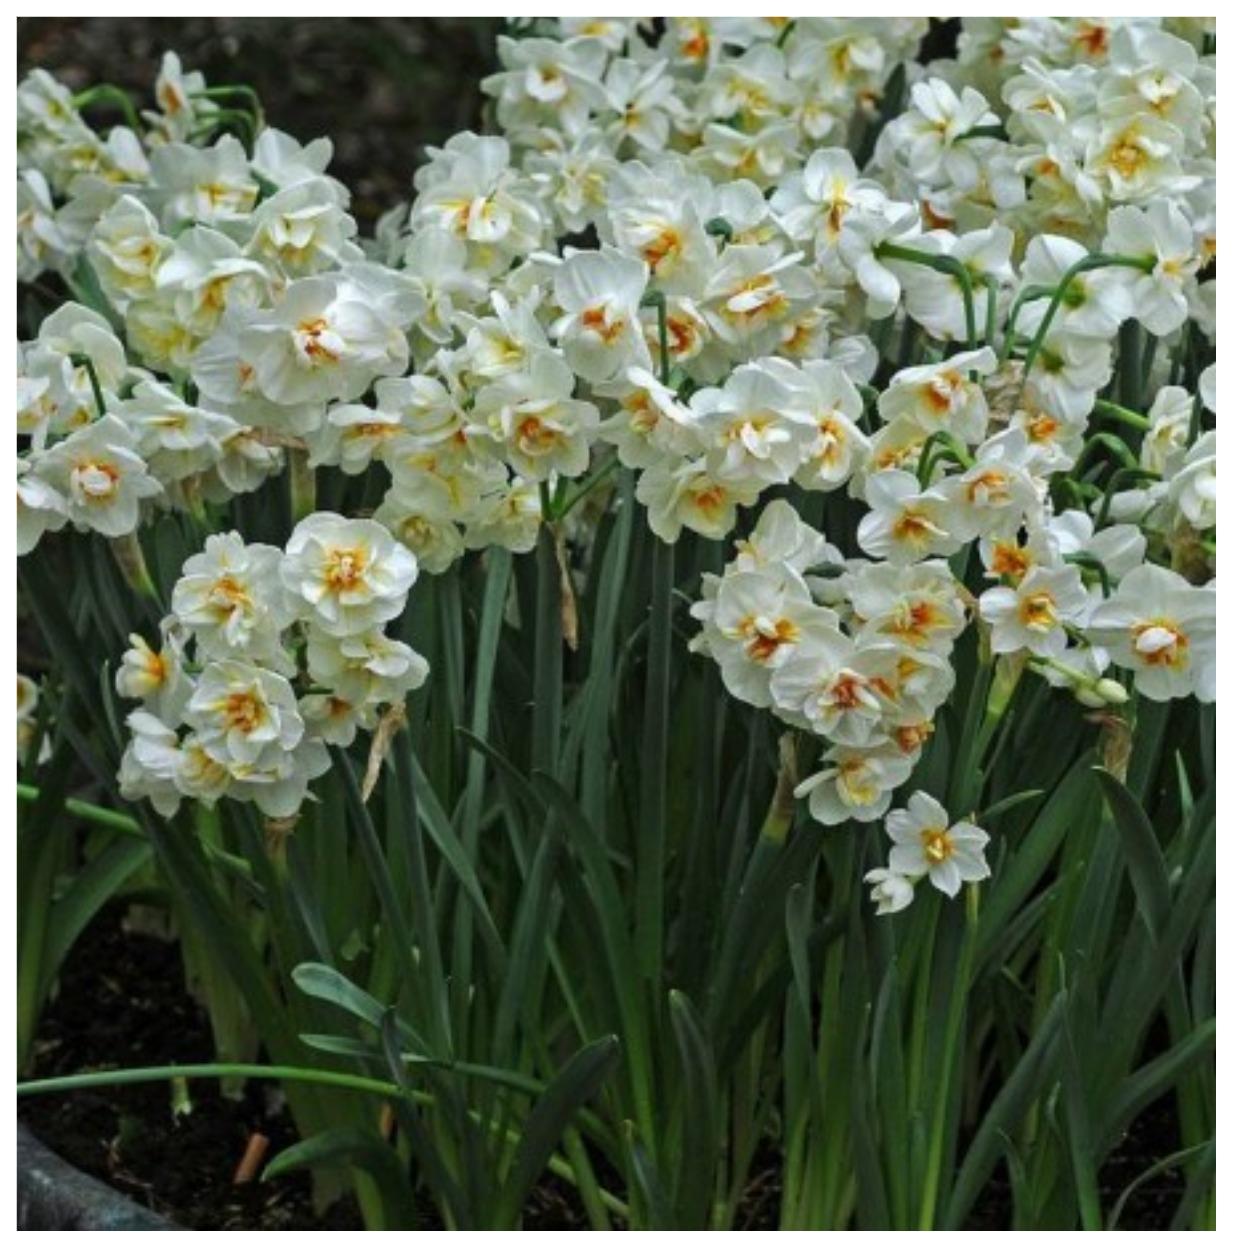 Нарцисс бридал краун: описание и характеристики сорта, посадка и уход, отзывы с фото